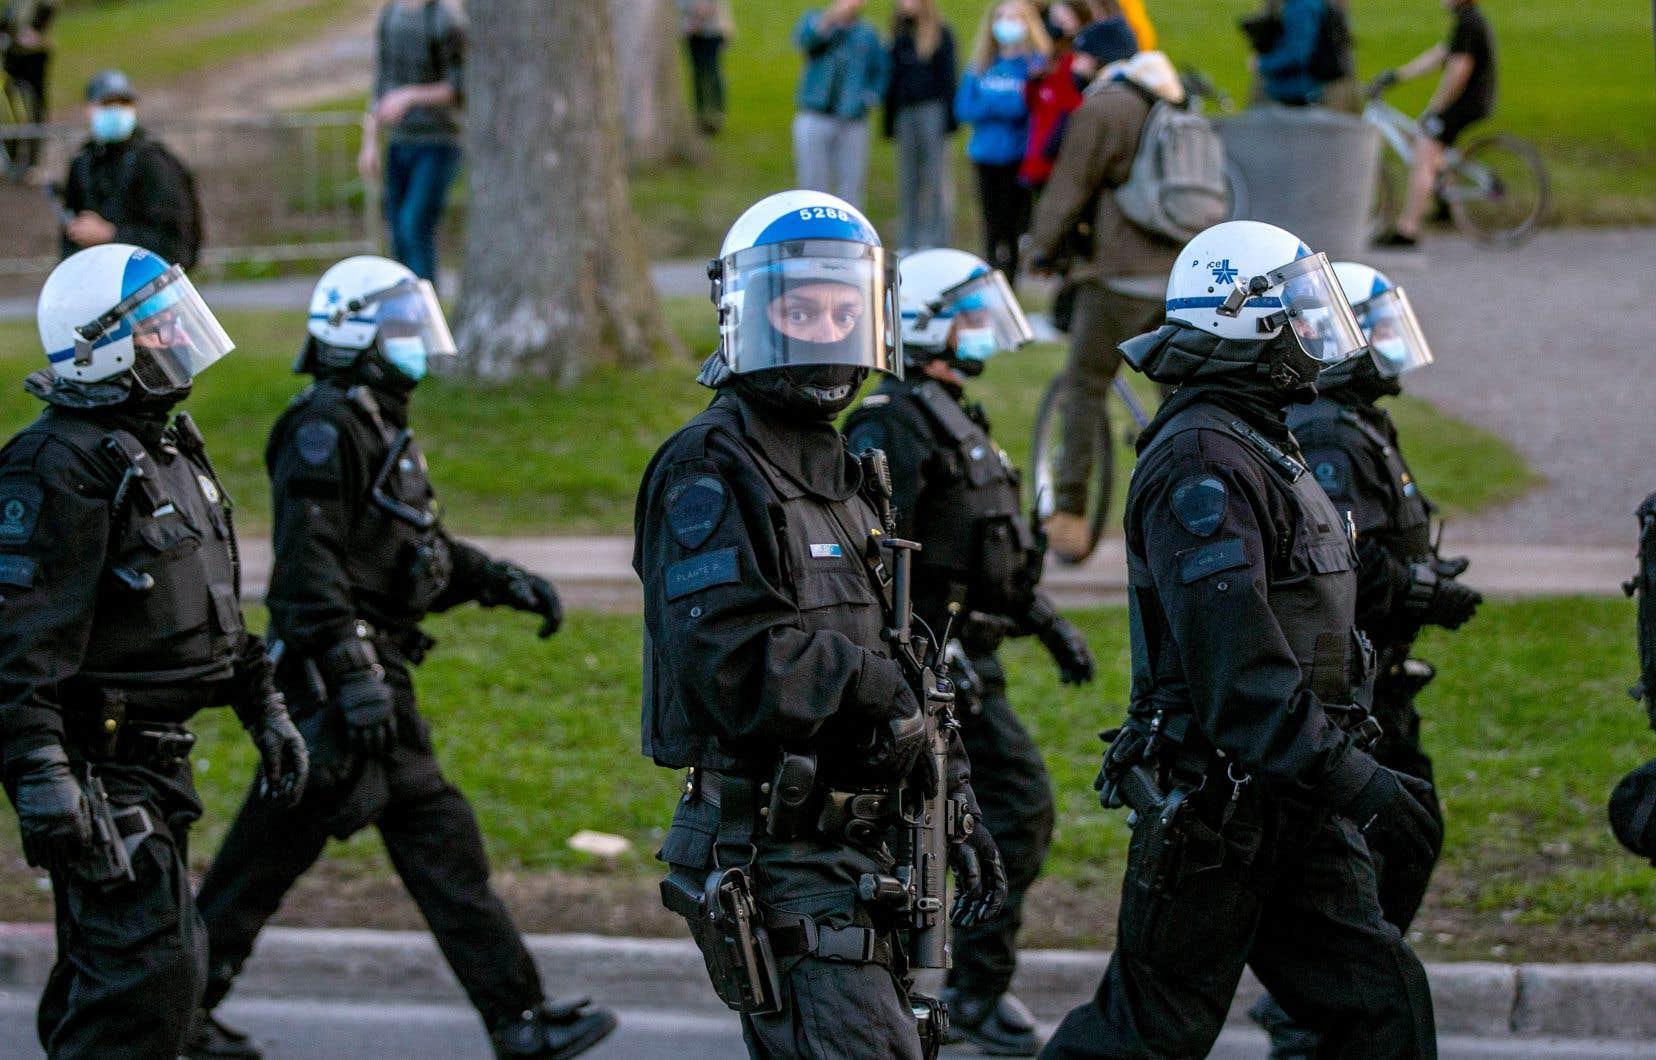 Les membres du comité consultatif sur la réalité policière ont formulé 138 recommandations, dont certaines entraîneraient l'abolition de dizaines de corps policiers, pour qu'il n'en reste que 13 dans l'ensemble du Québec.